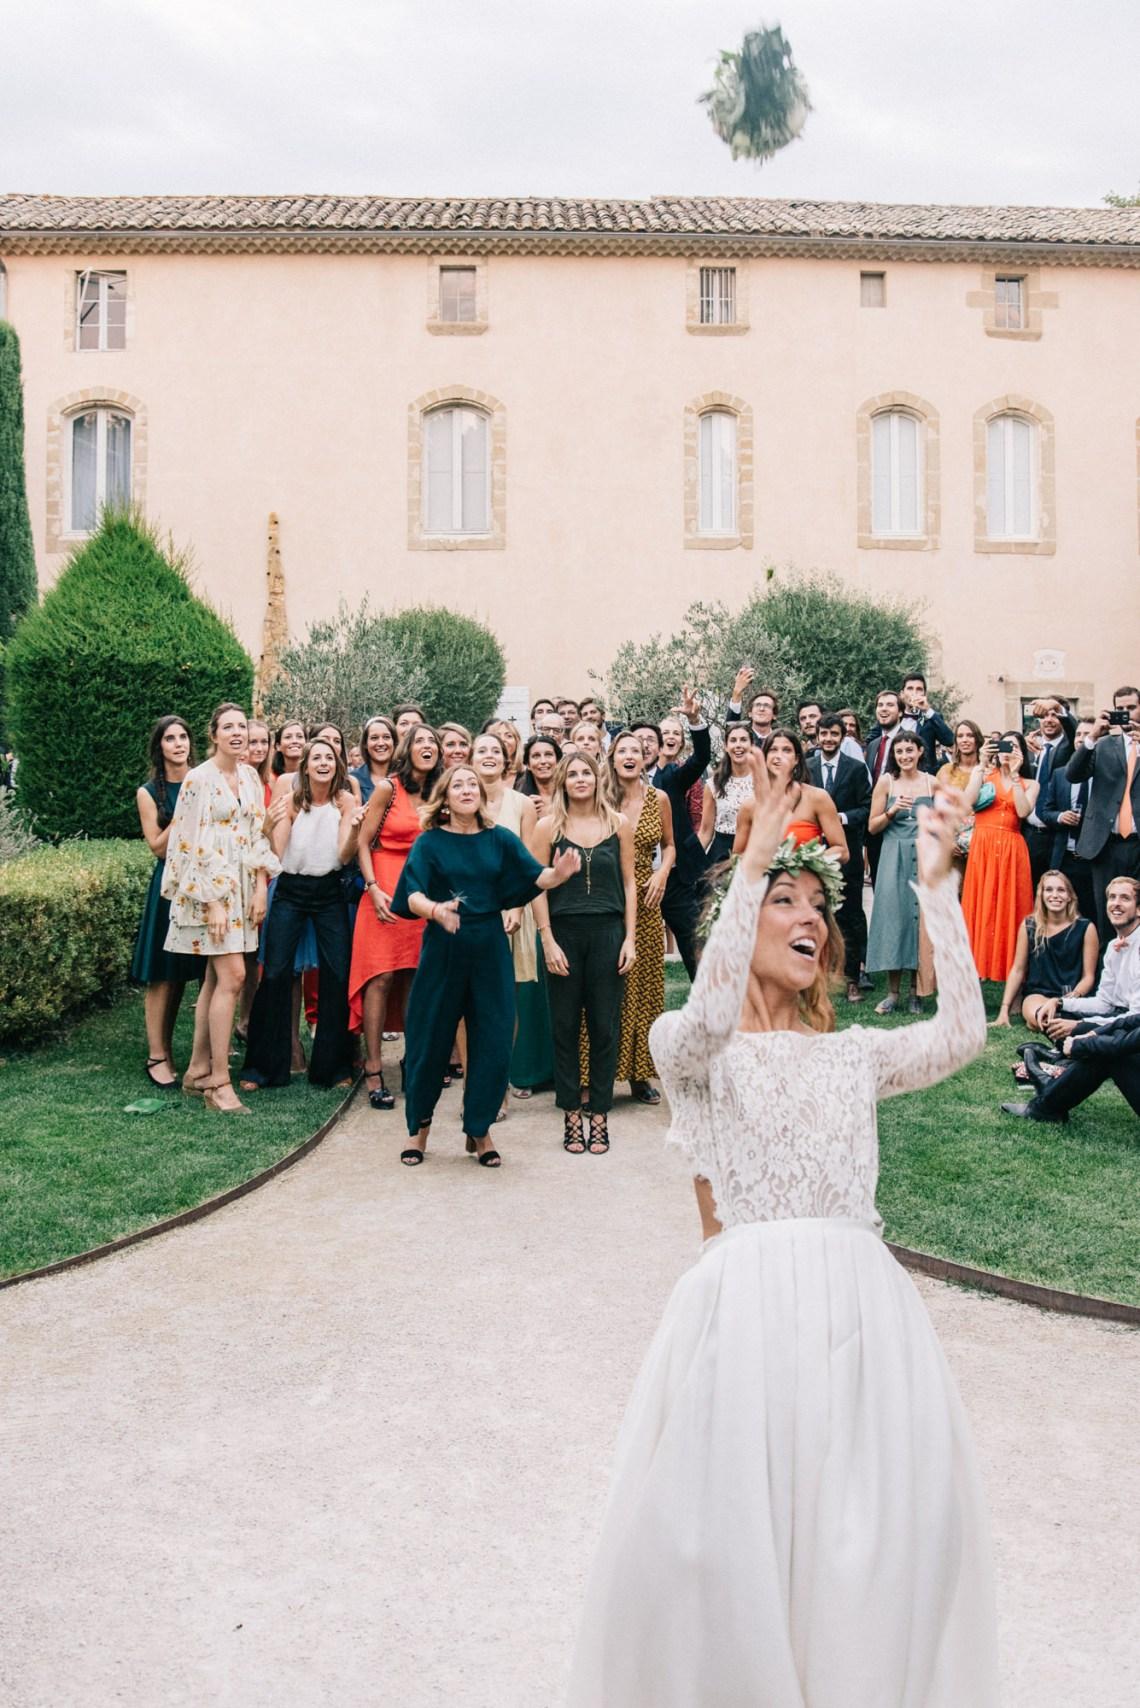 photographe-mariage-angers-nantes-vendee-51